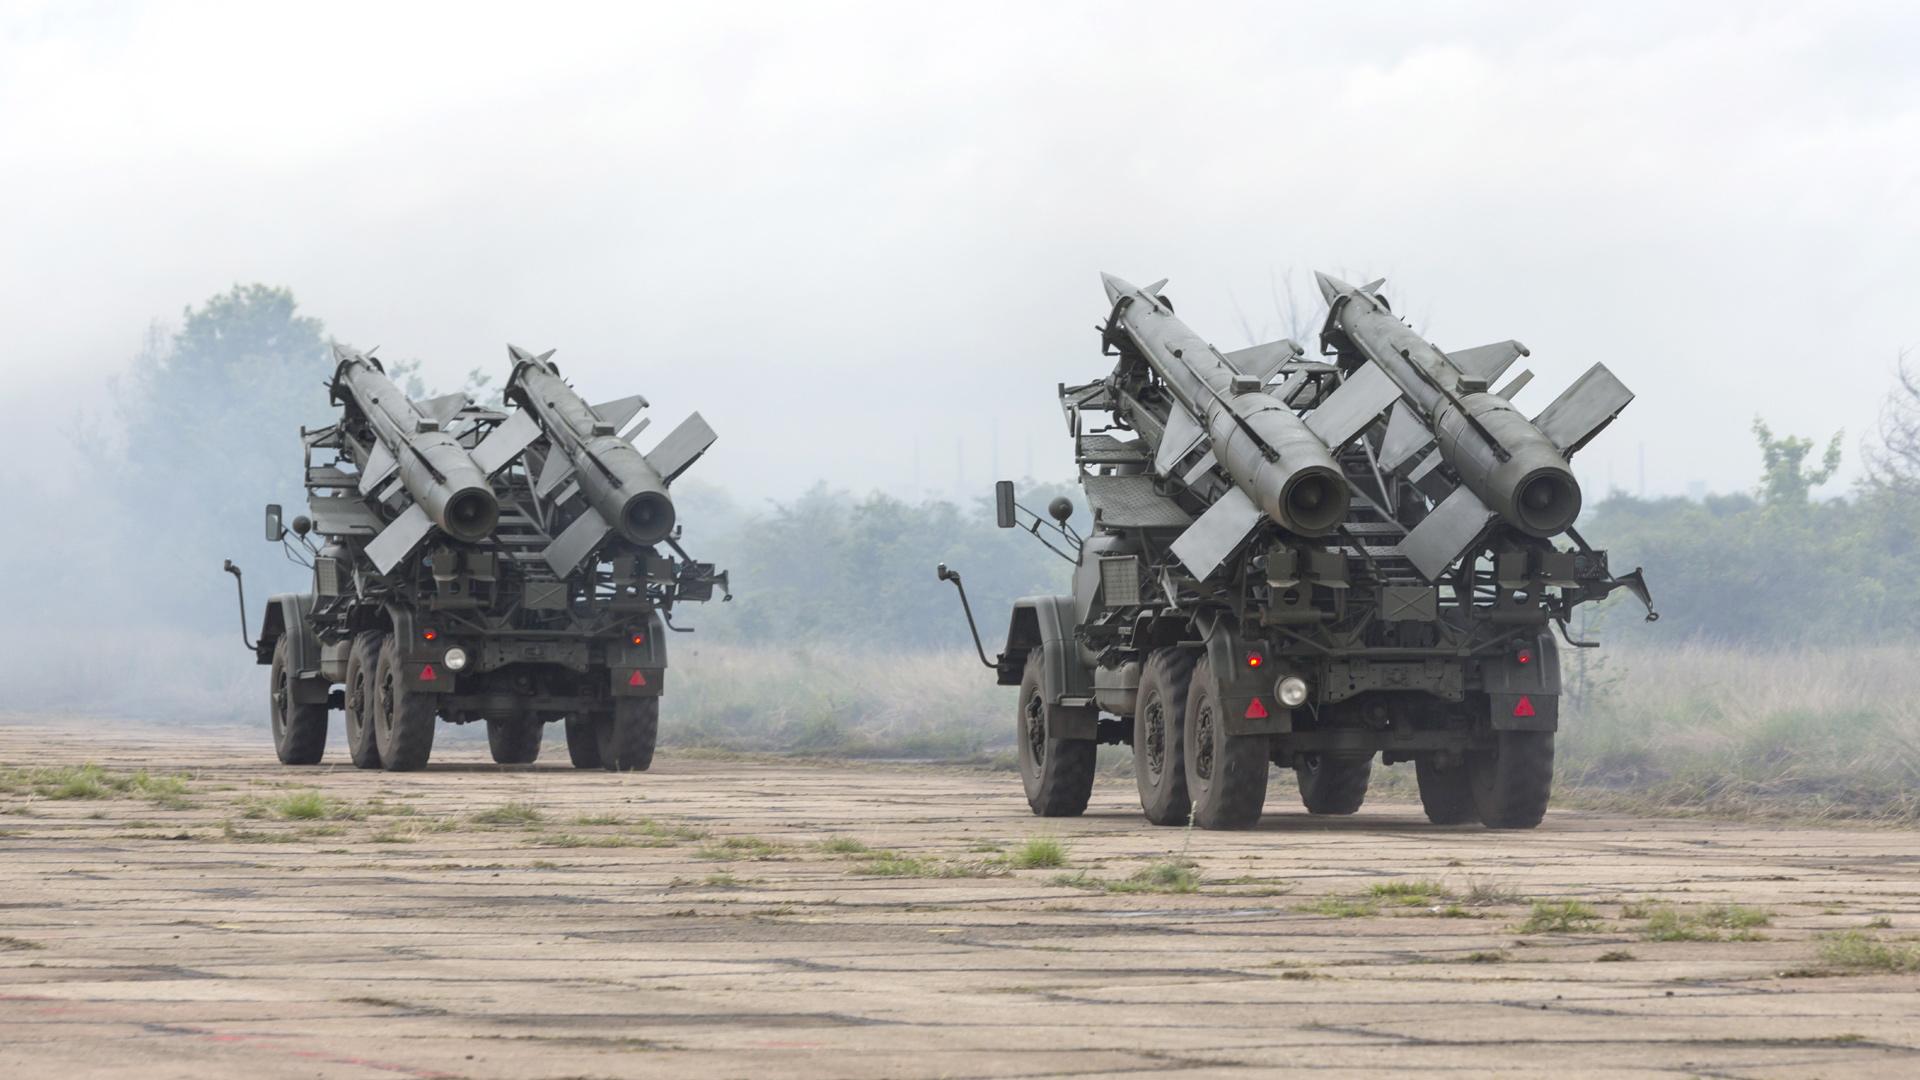 Ground vehicles